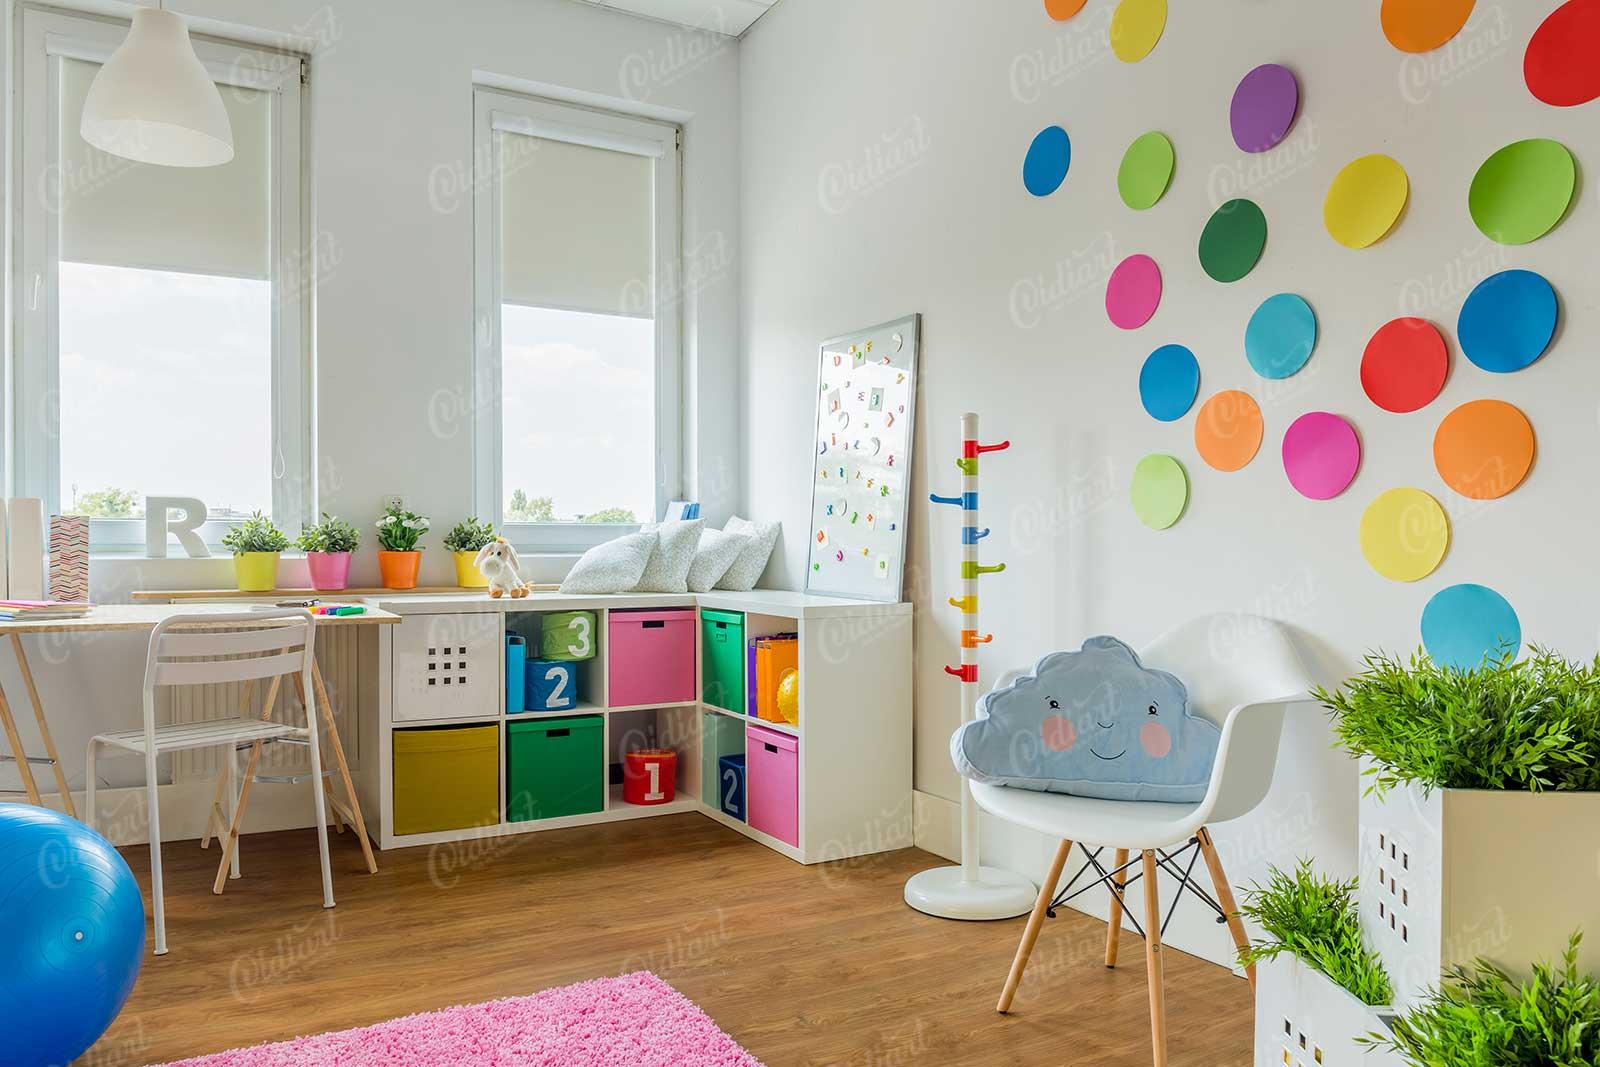 Trang trí phòng cho trẻ